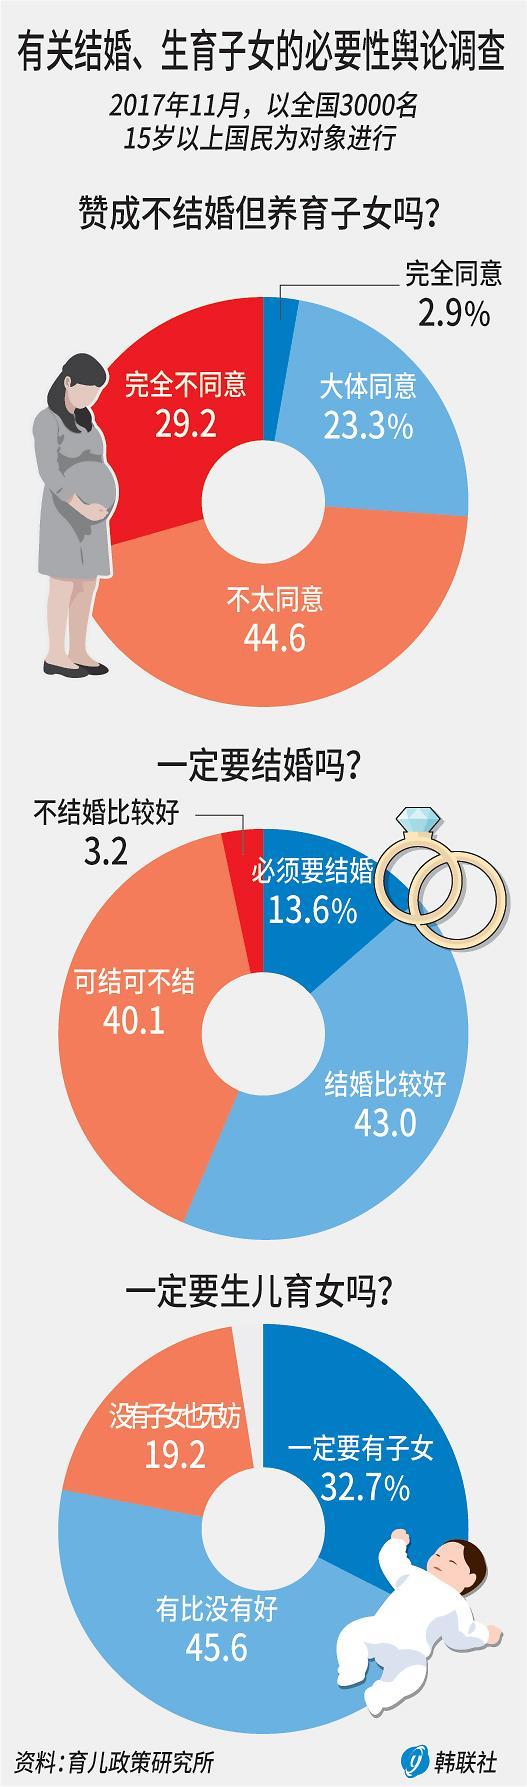 调查:近三成韩国国民认为不结婚也可以养育子女